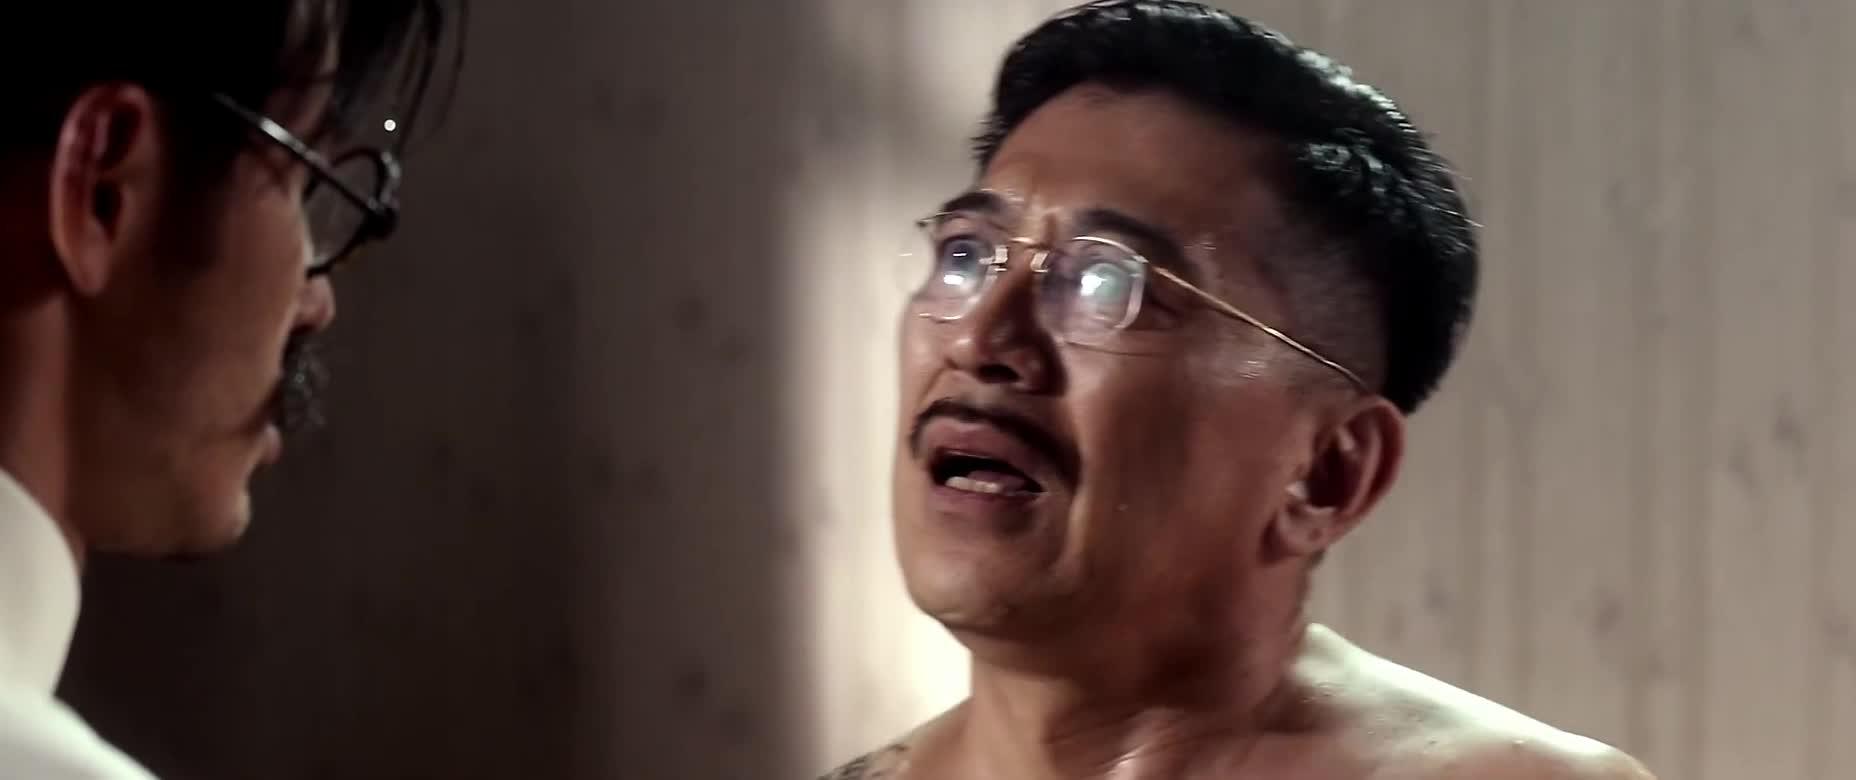 #经典看电影#说男子的头是用来擦屁股的,真是打脸啊